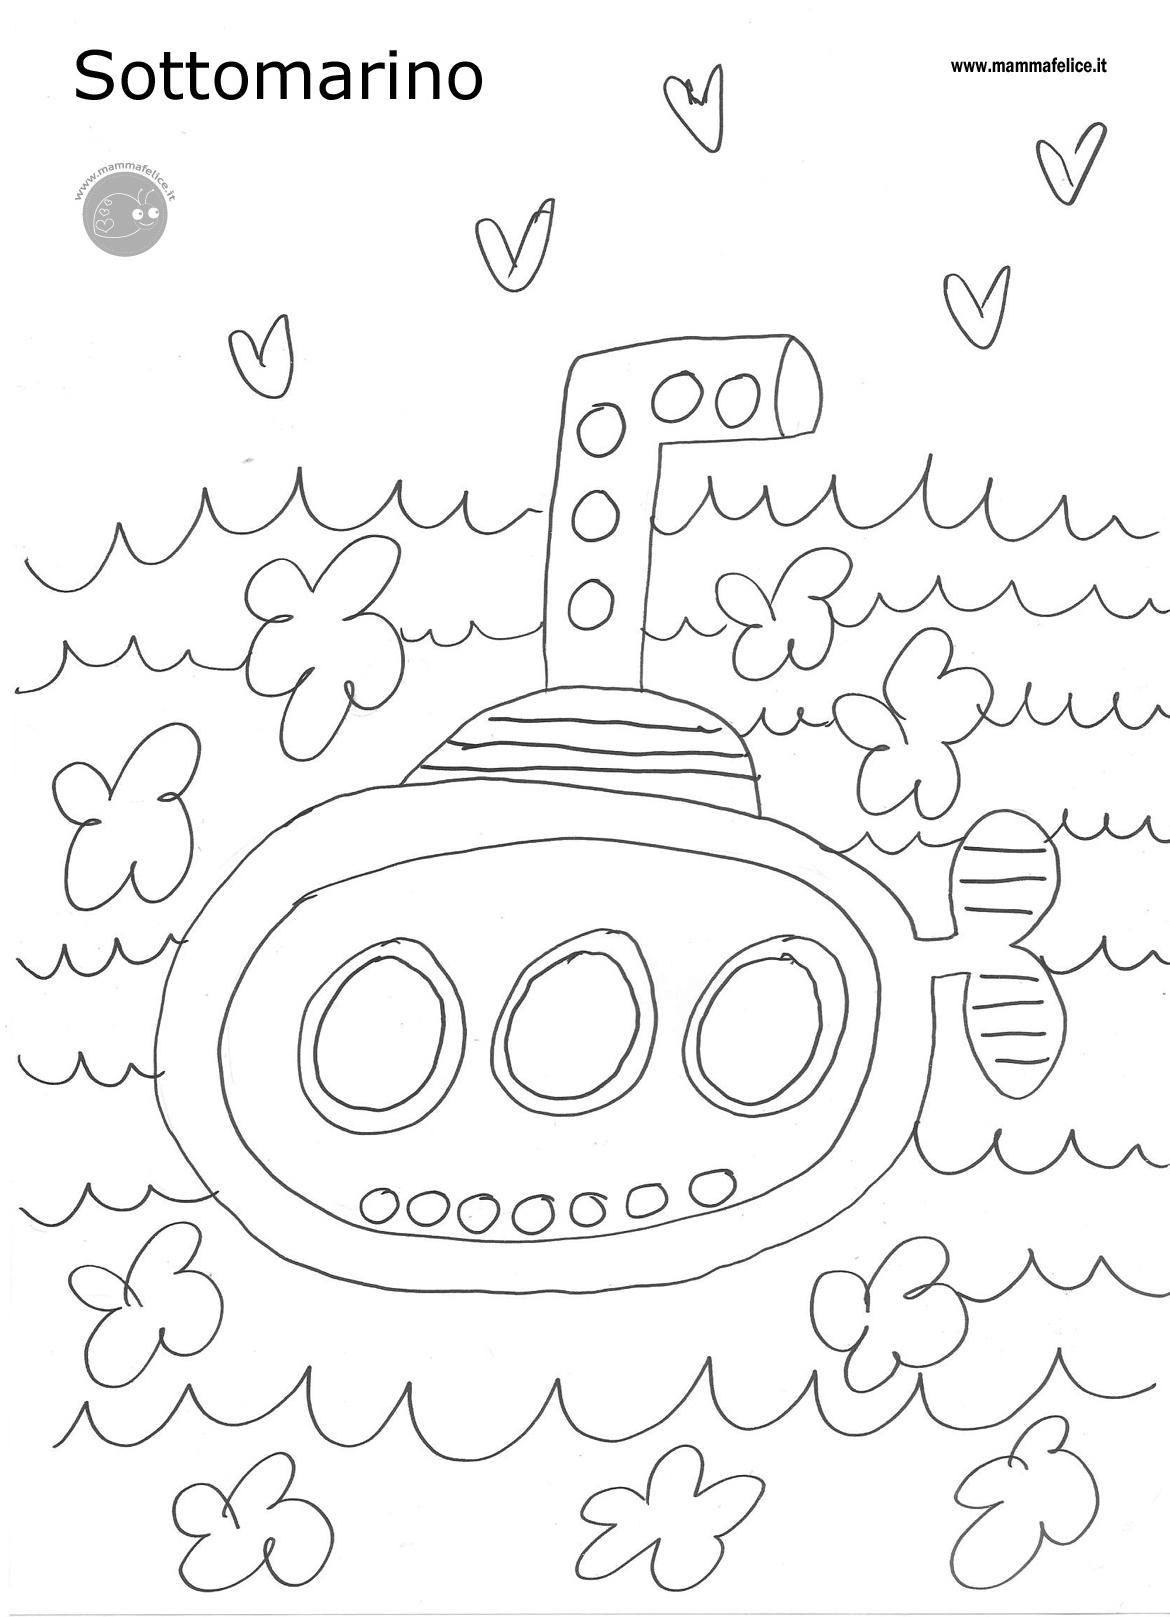 disegno da colorare gratis sottomarino disegni mammafelice